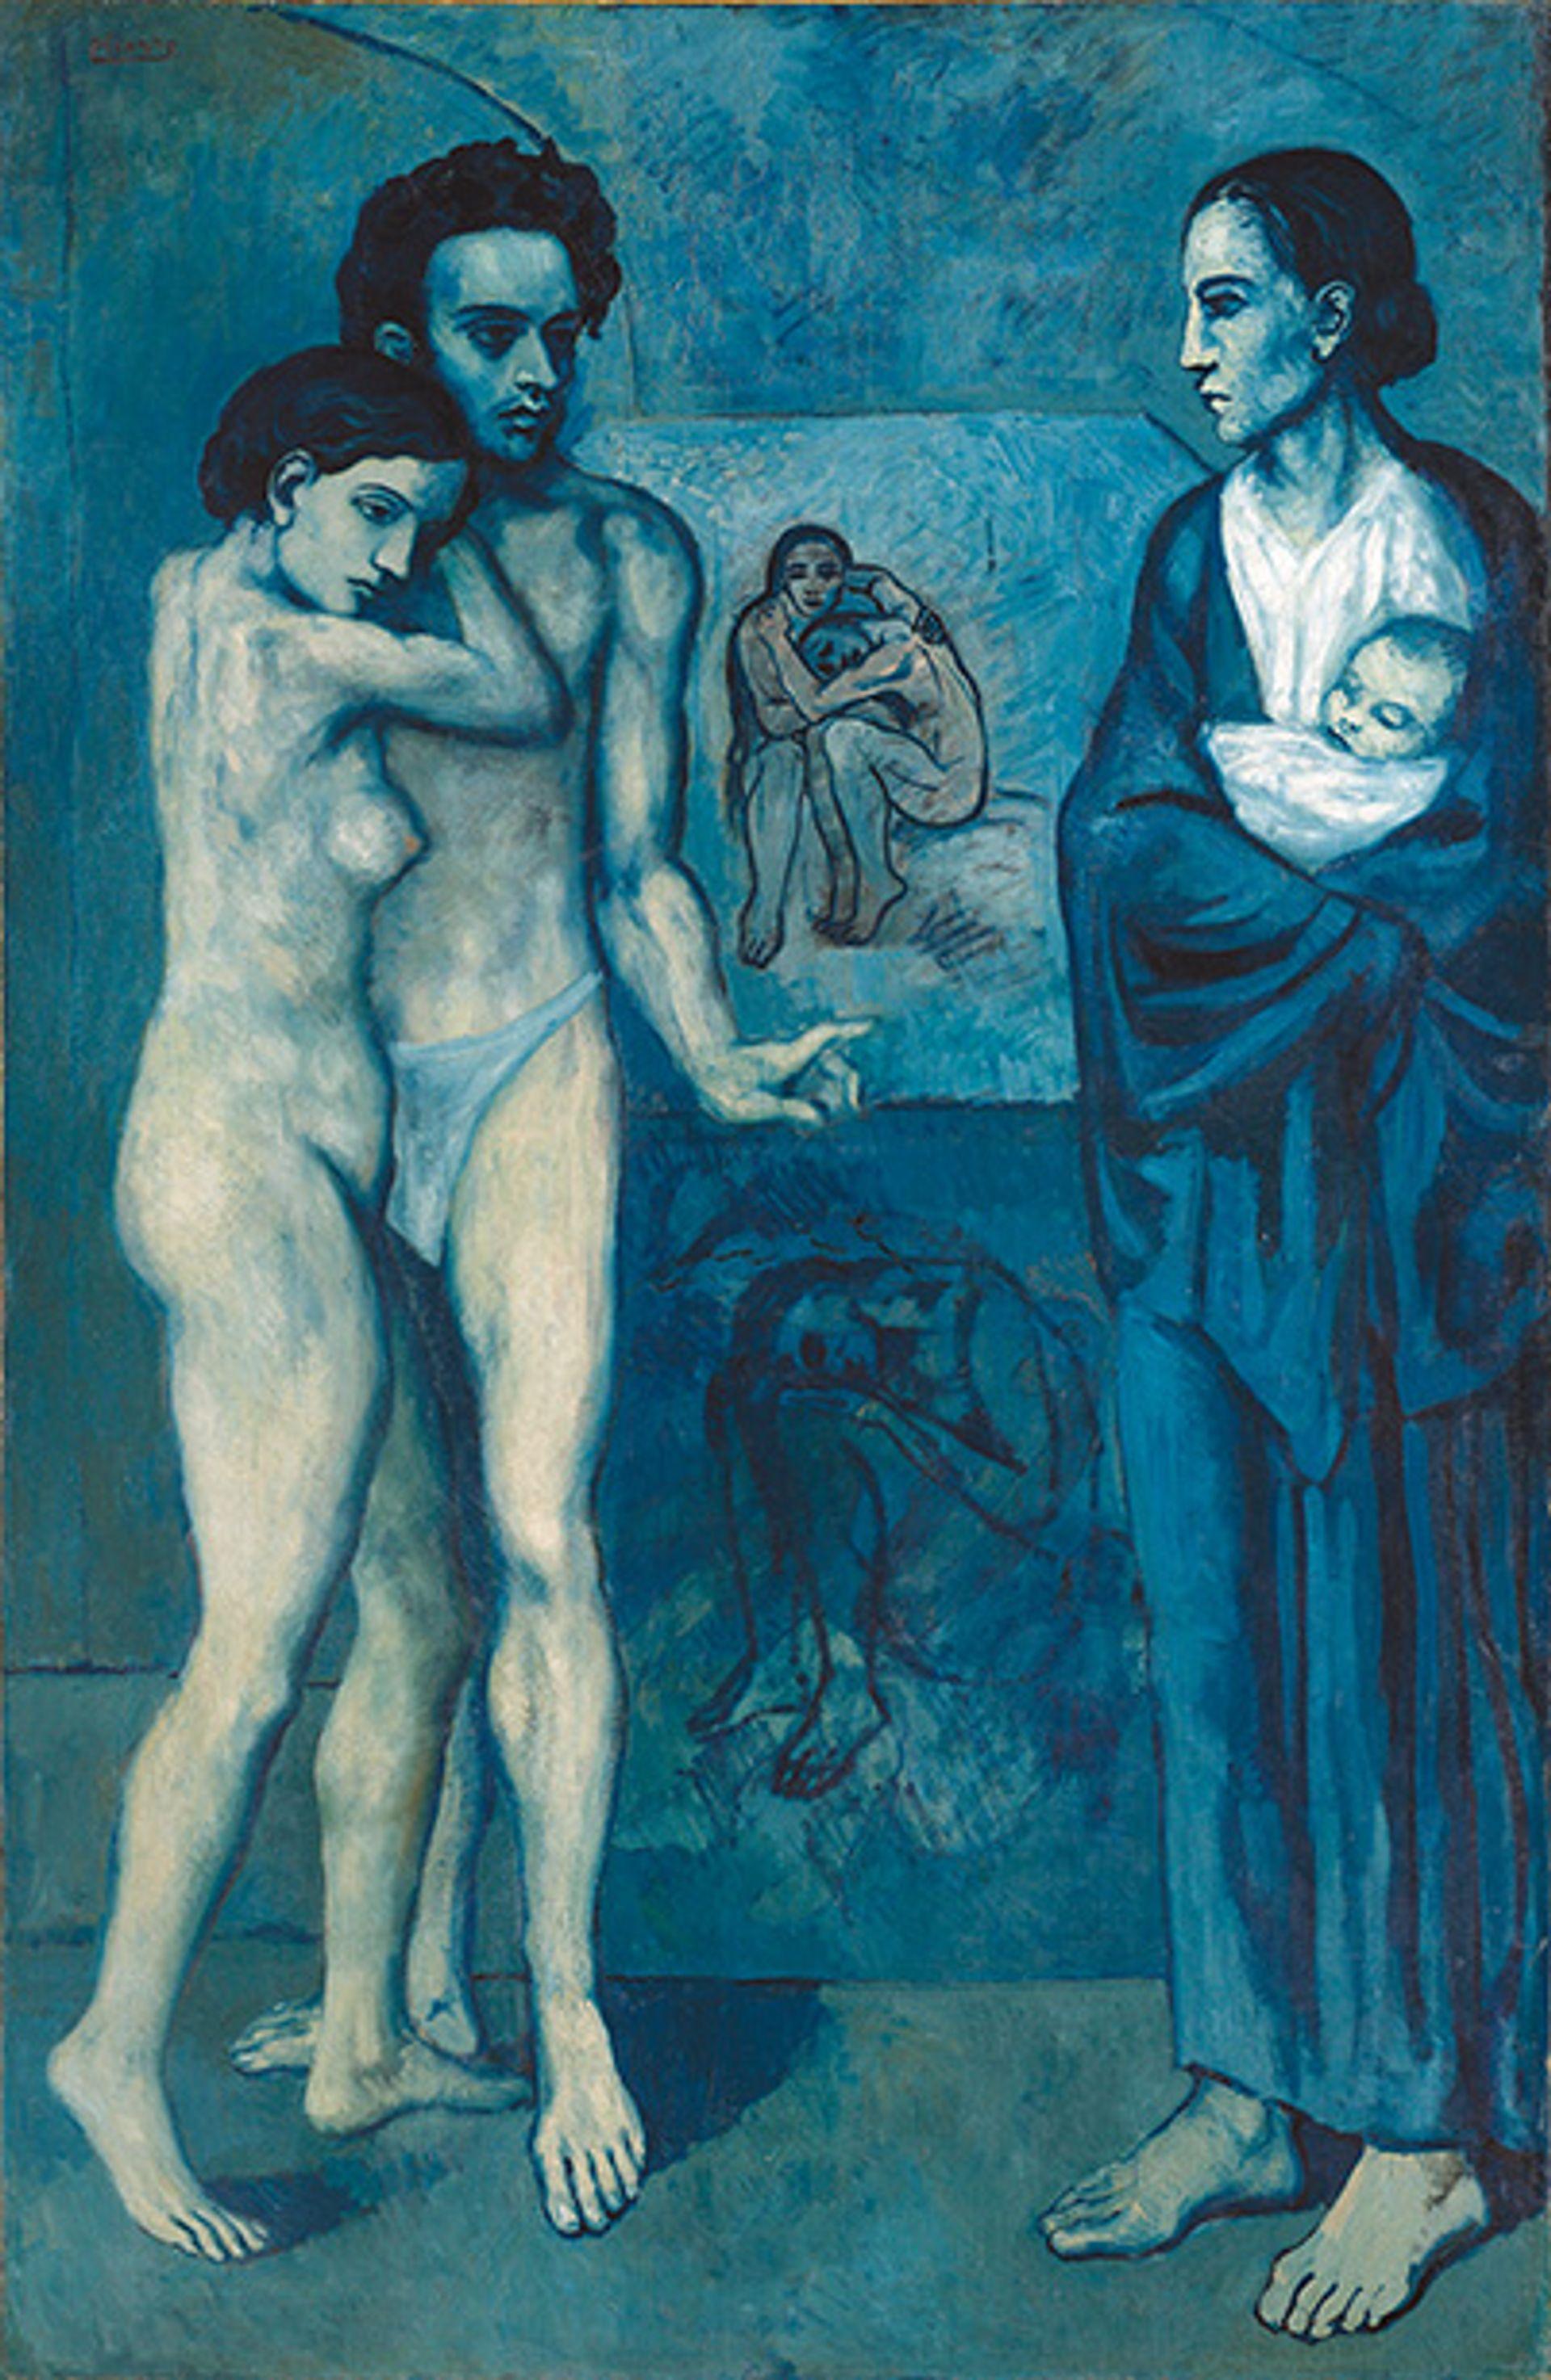 Pablo Picasss's La Vie (1903) © Succession Picasso / ProLitteris, Zürich 2018; Photo: © The Cleveland Museum of Art